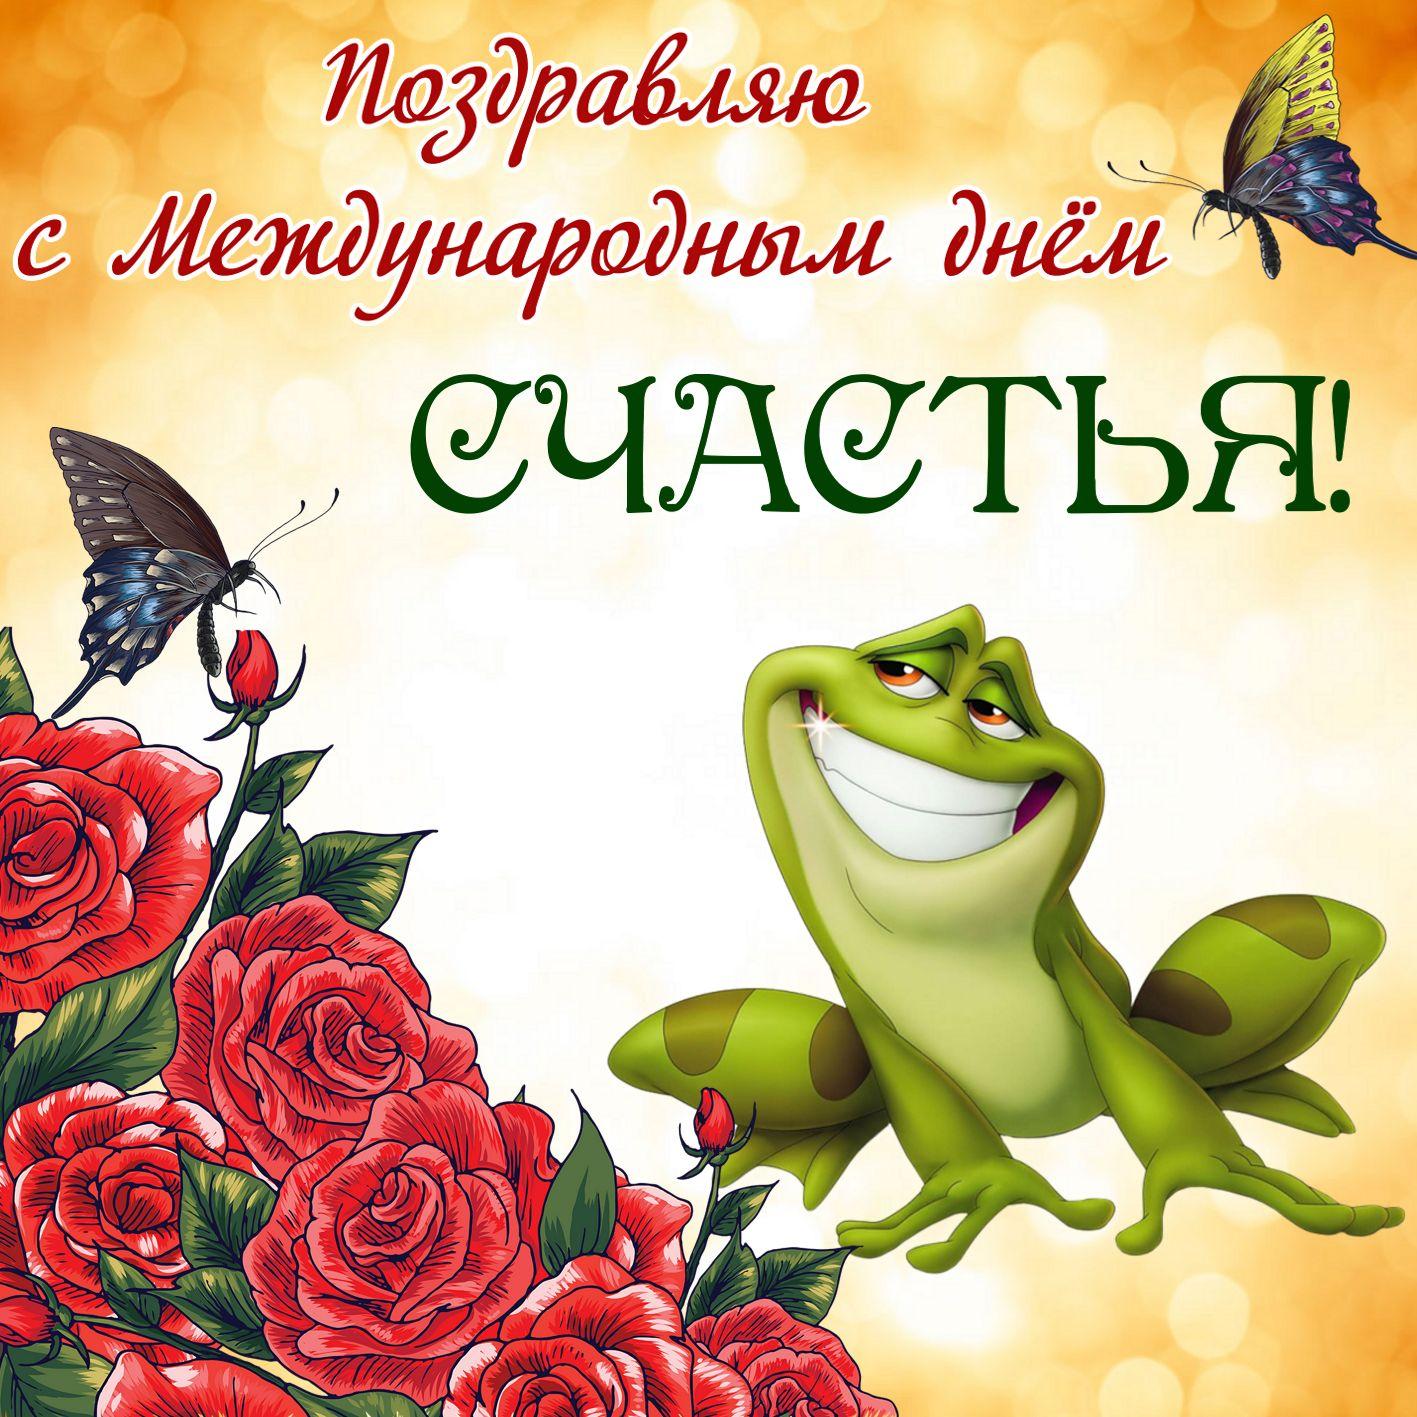 Картинки с поздравлением днем счастья, для